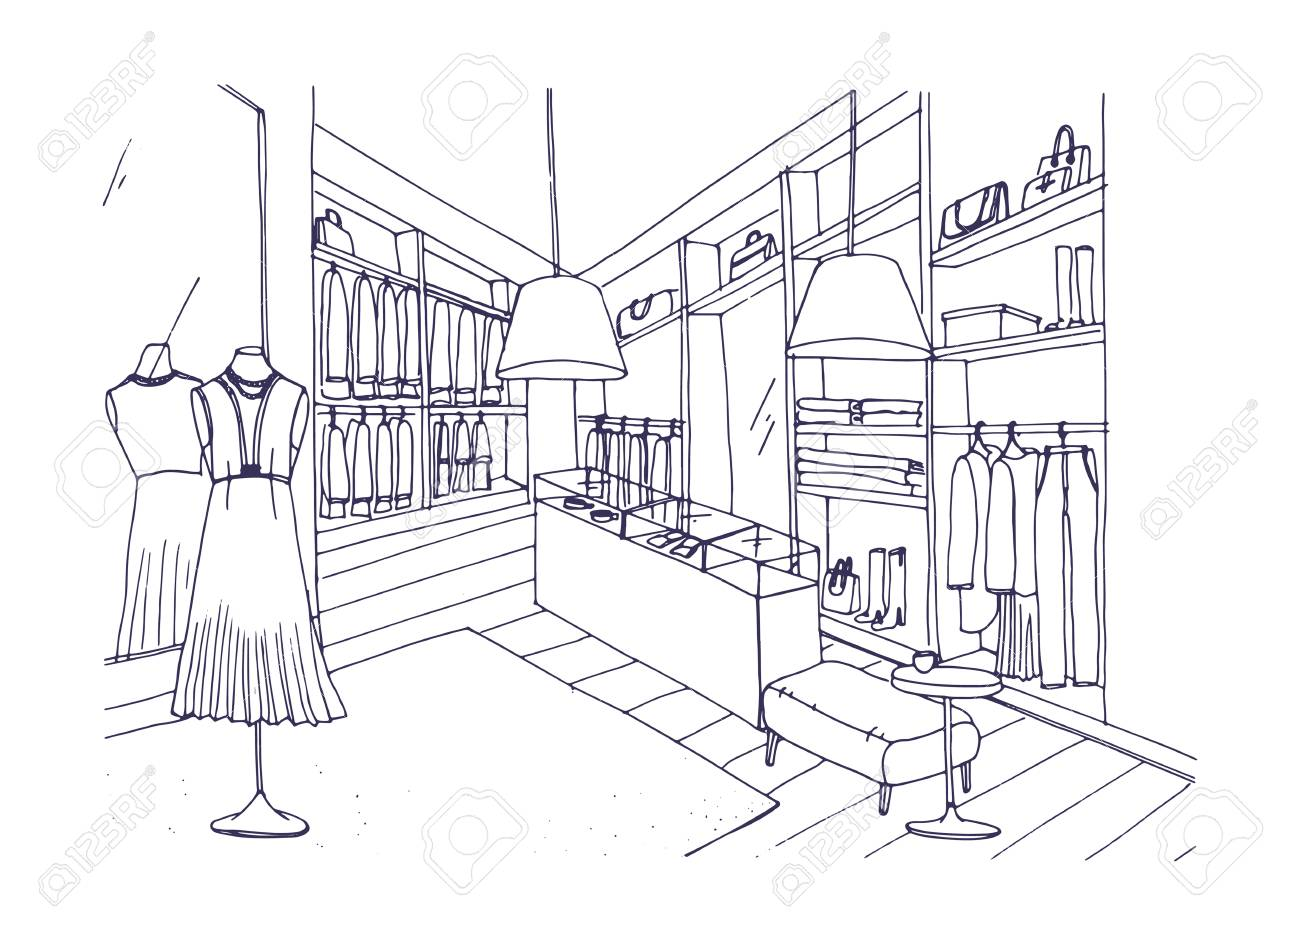 Desenho De Esboço Do Interior Da Loja De Roupas Da Moda Com Mobiliário Vitrines Manequins Vestidos Com Roupas Elegantes Loja De Boutique Ou Moda